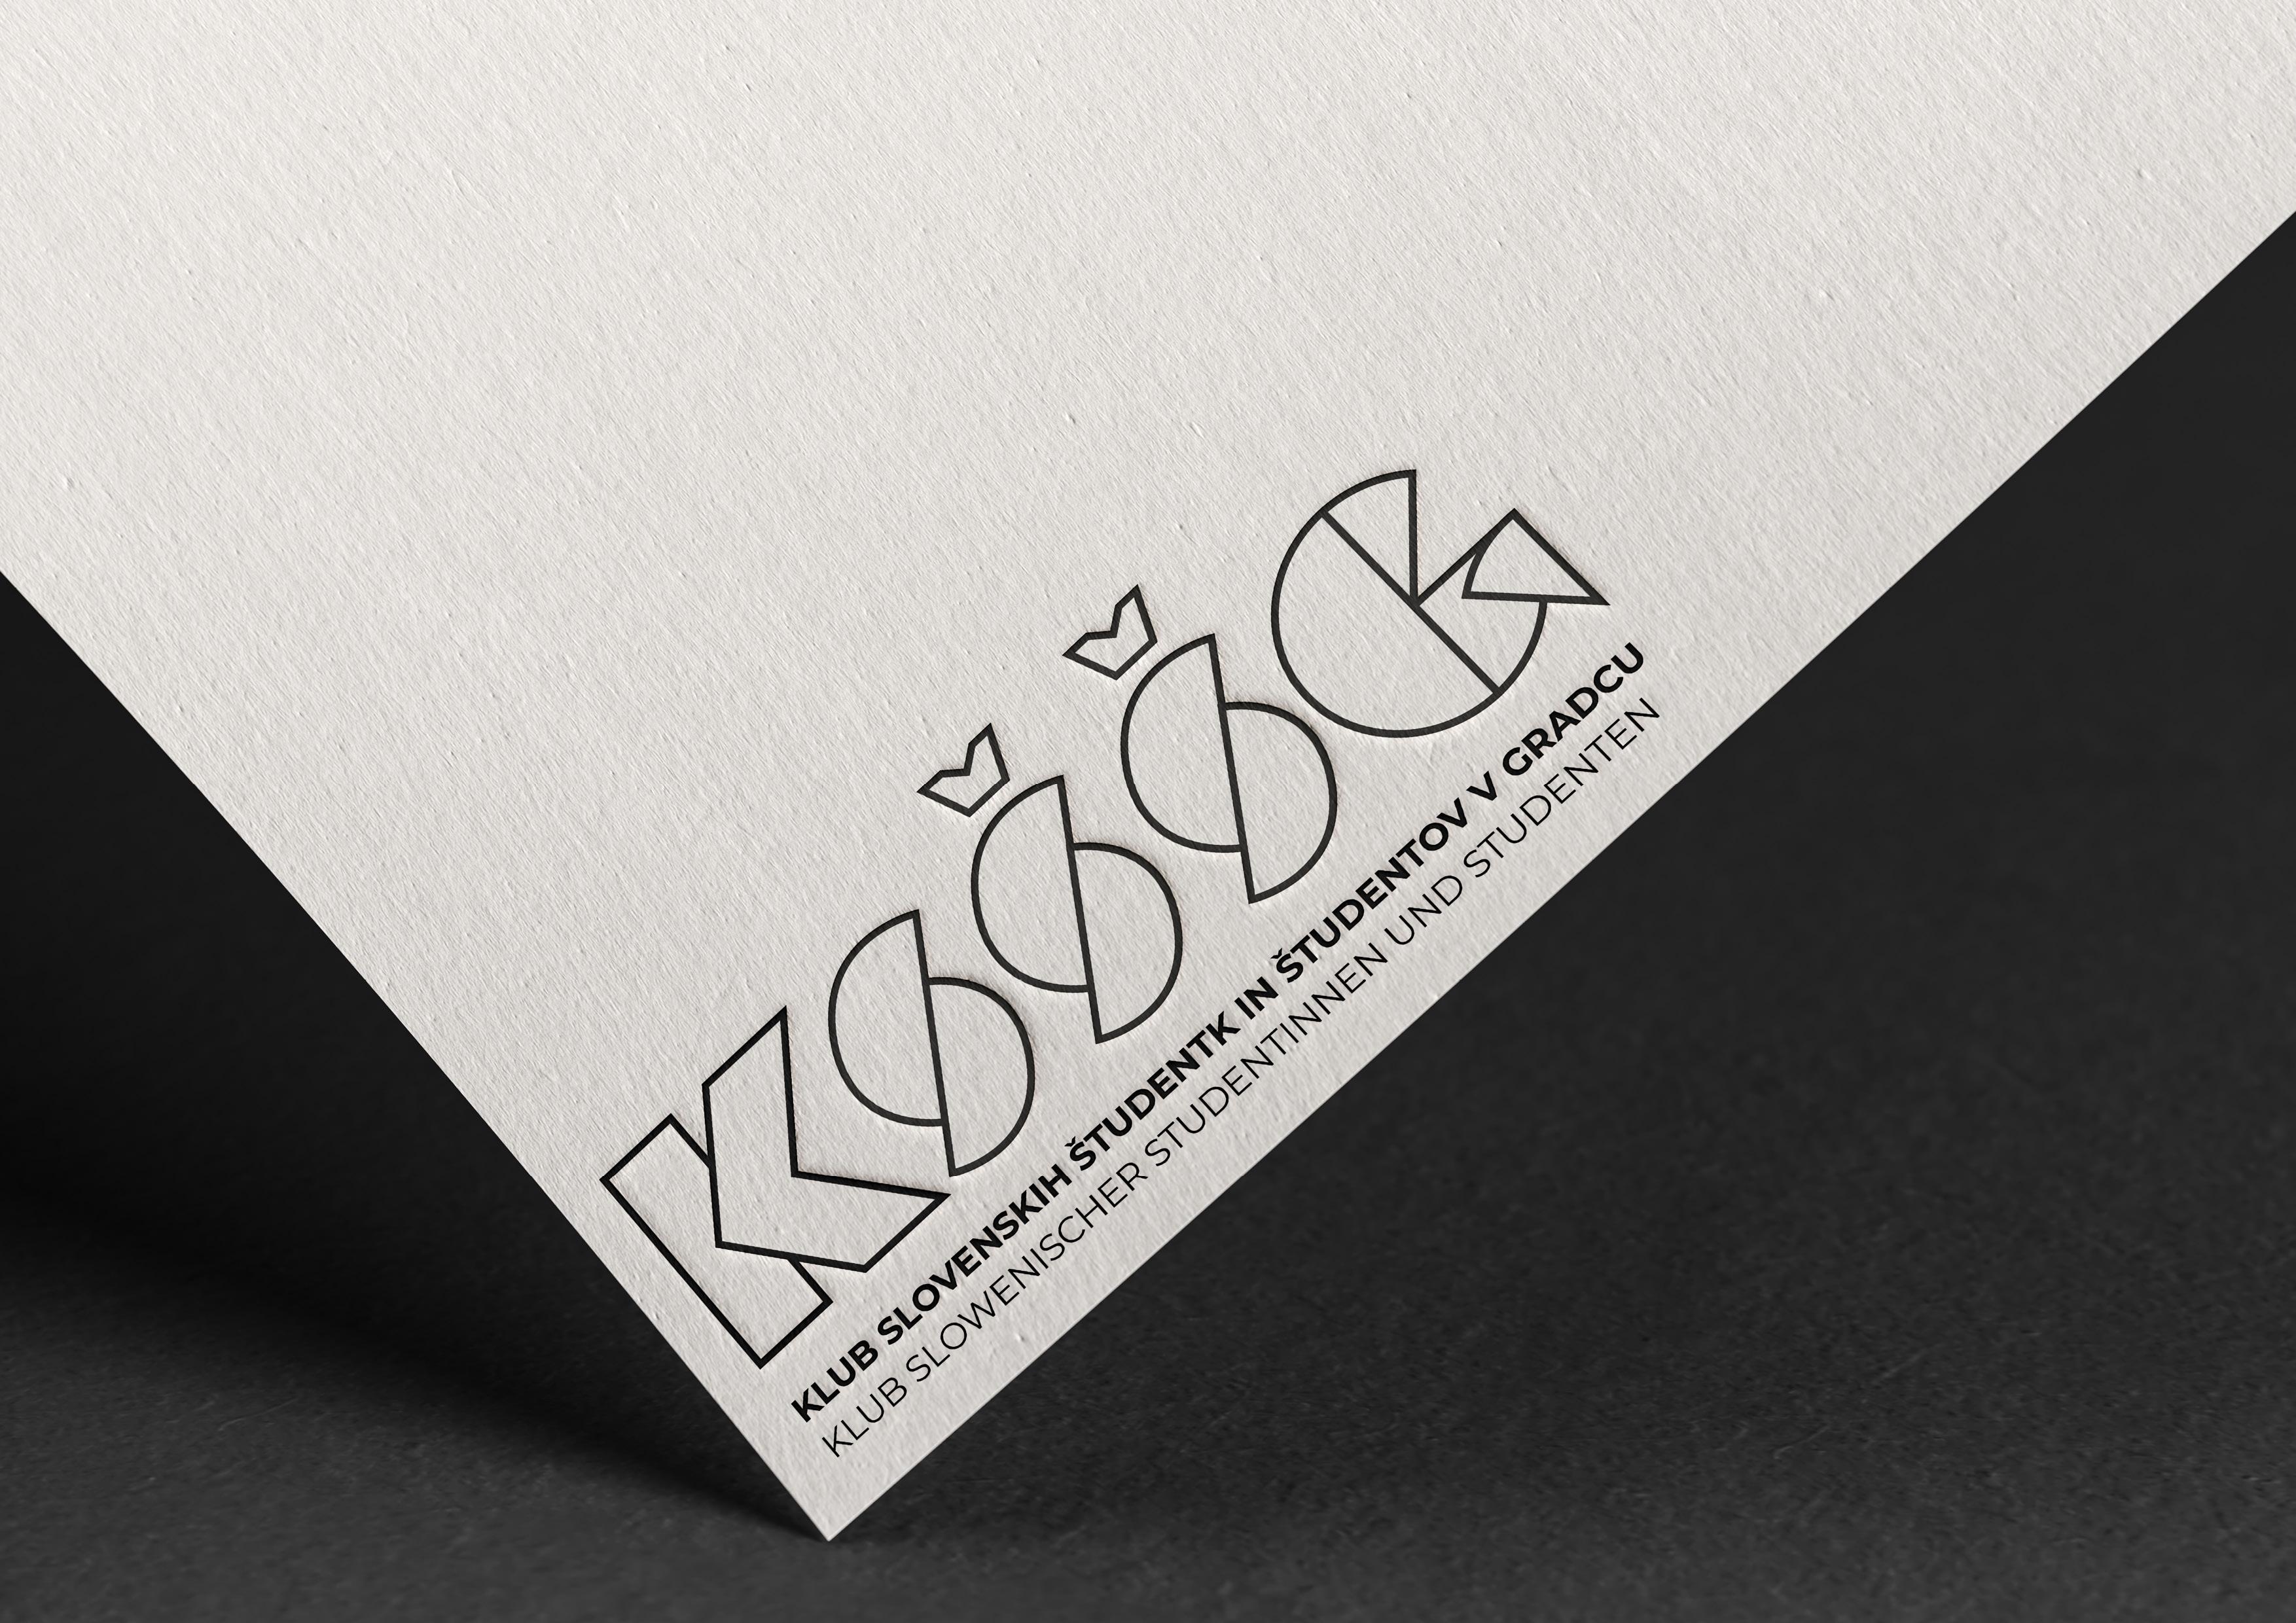 Klub-Gradec-2019-Logo-2